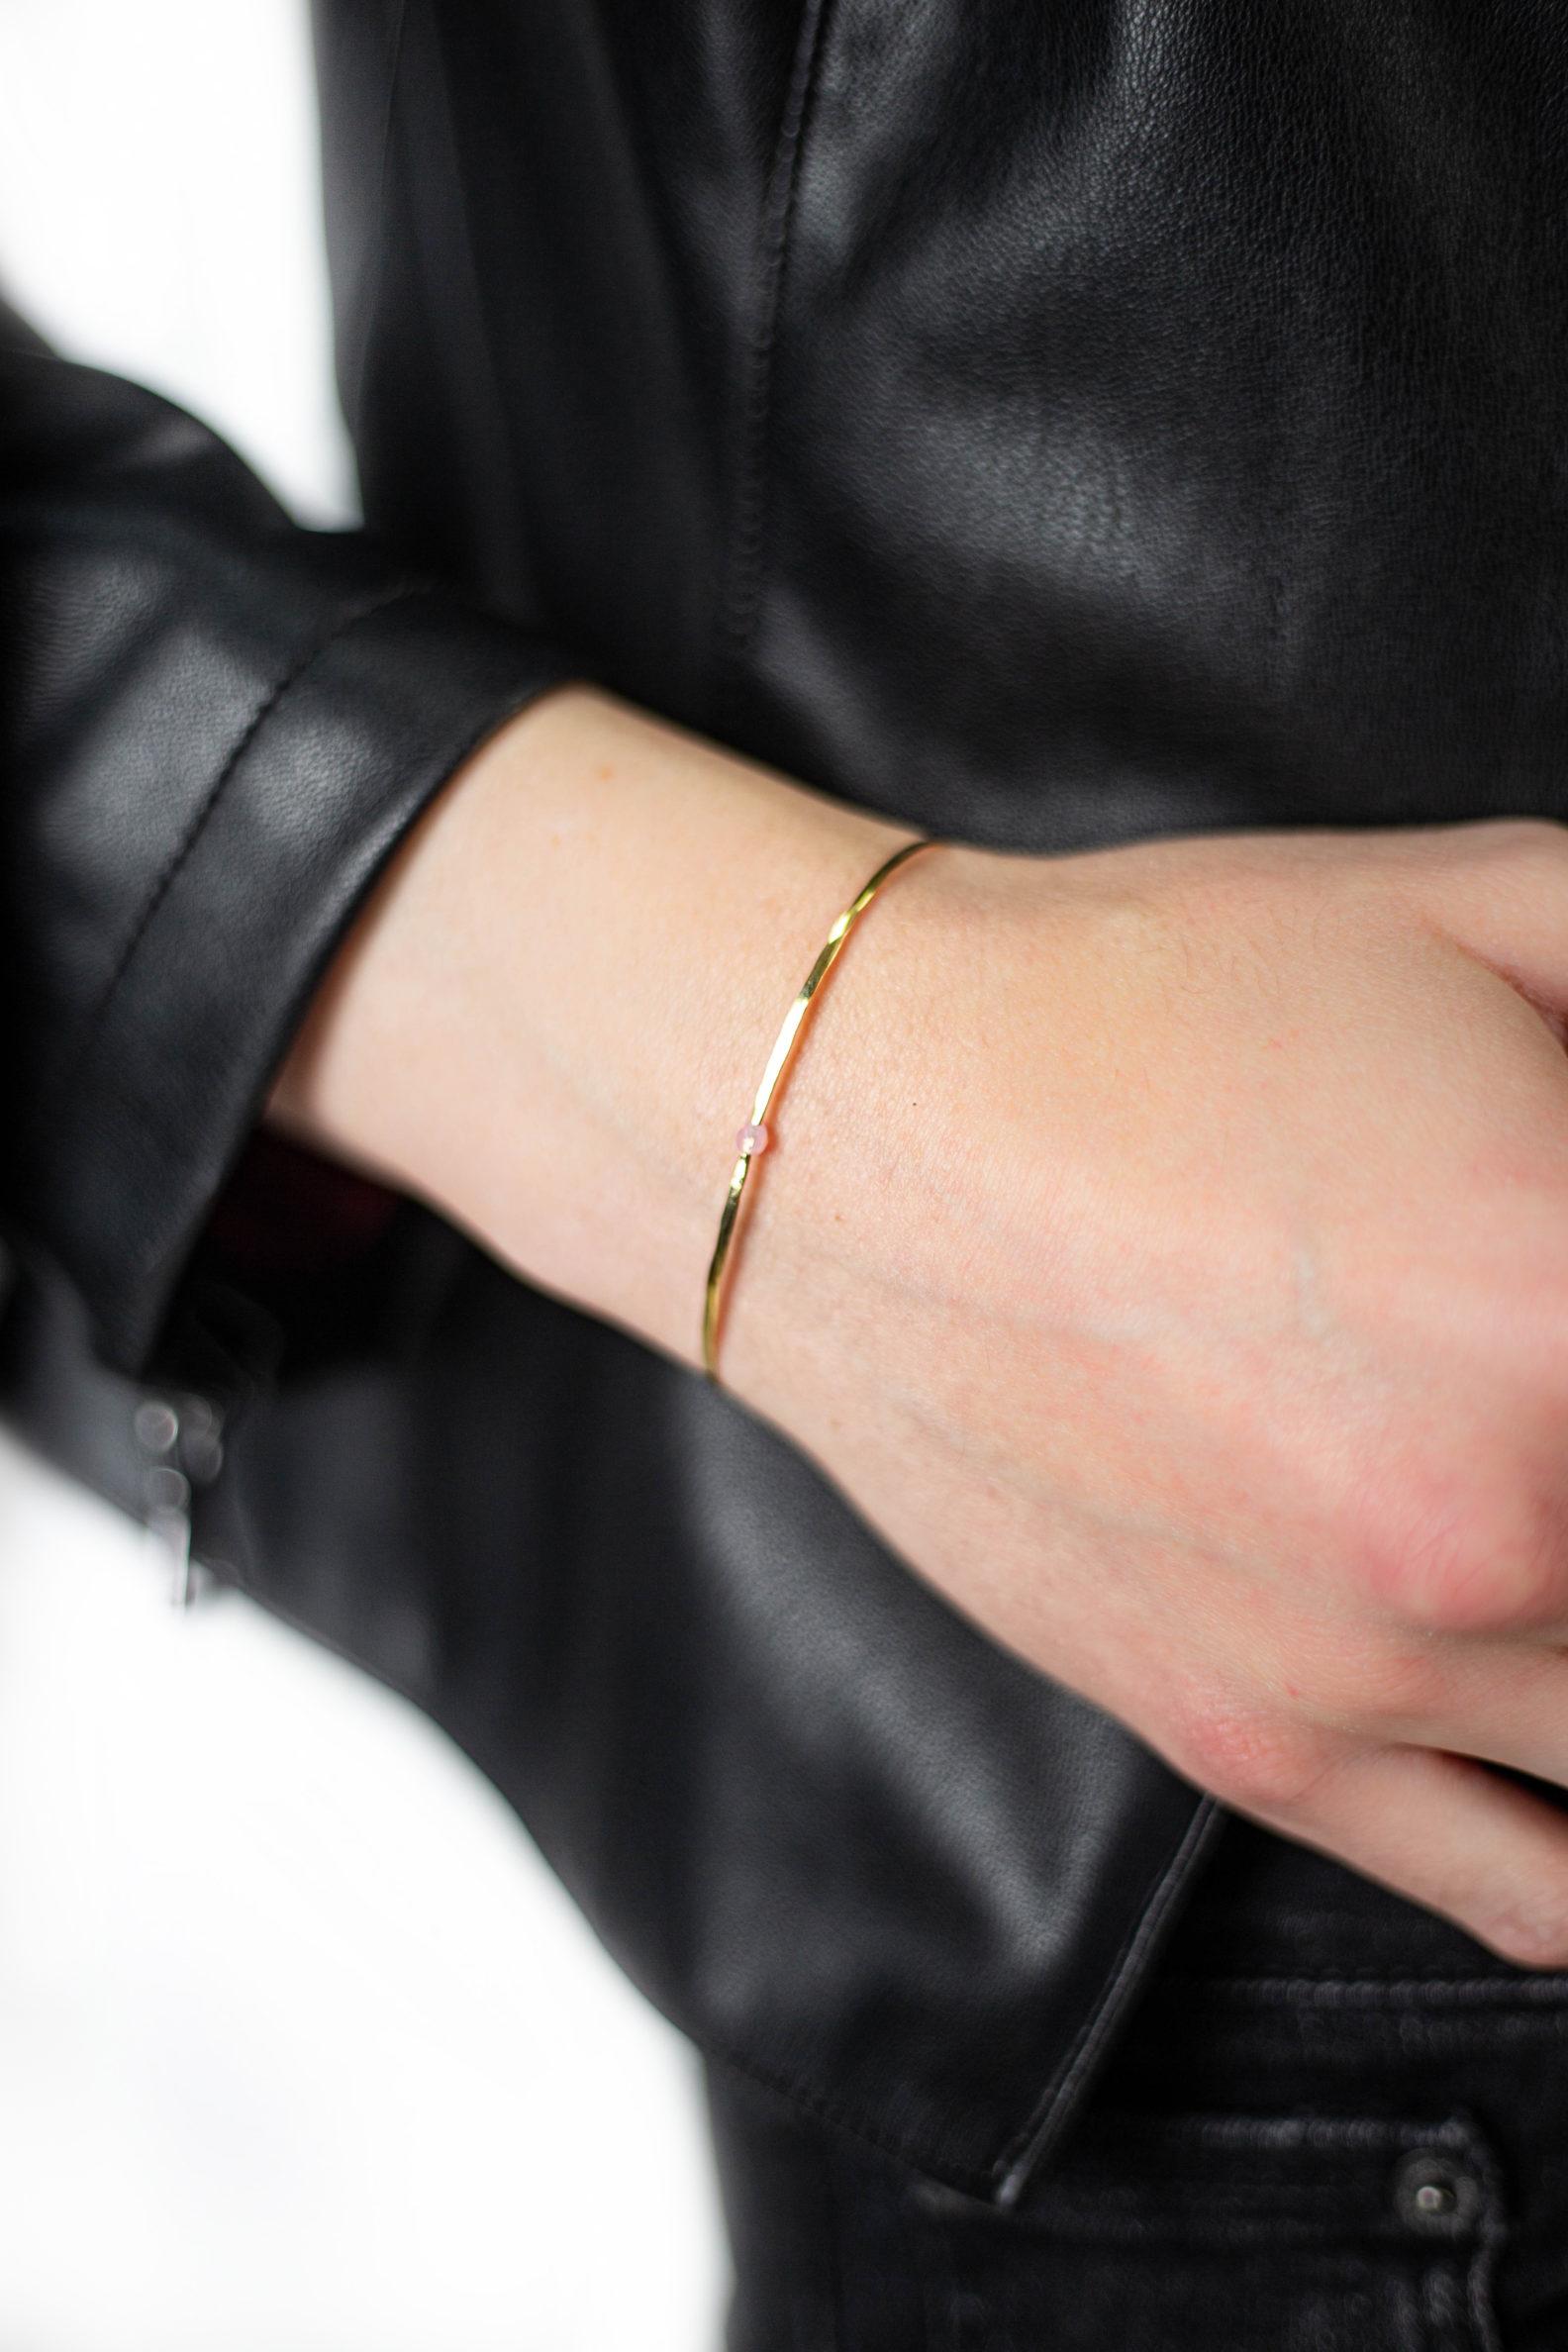 bracelet-laiton-martele-laetitia-piffeteau-affaires-etrangeres-perle